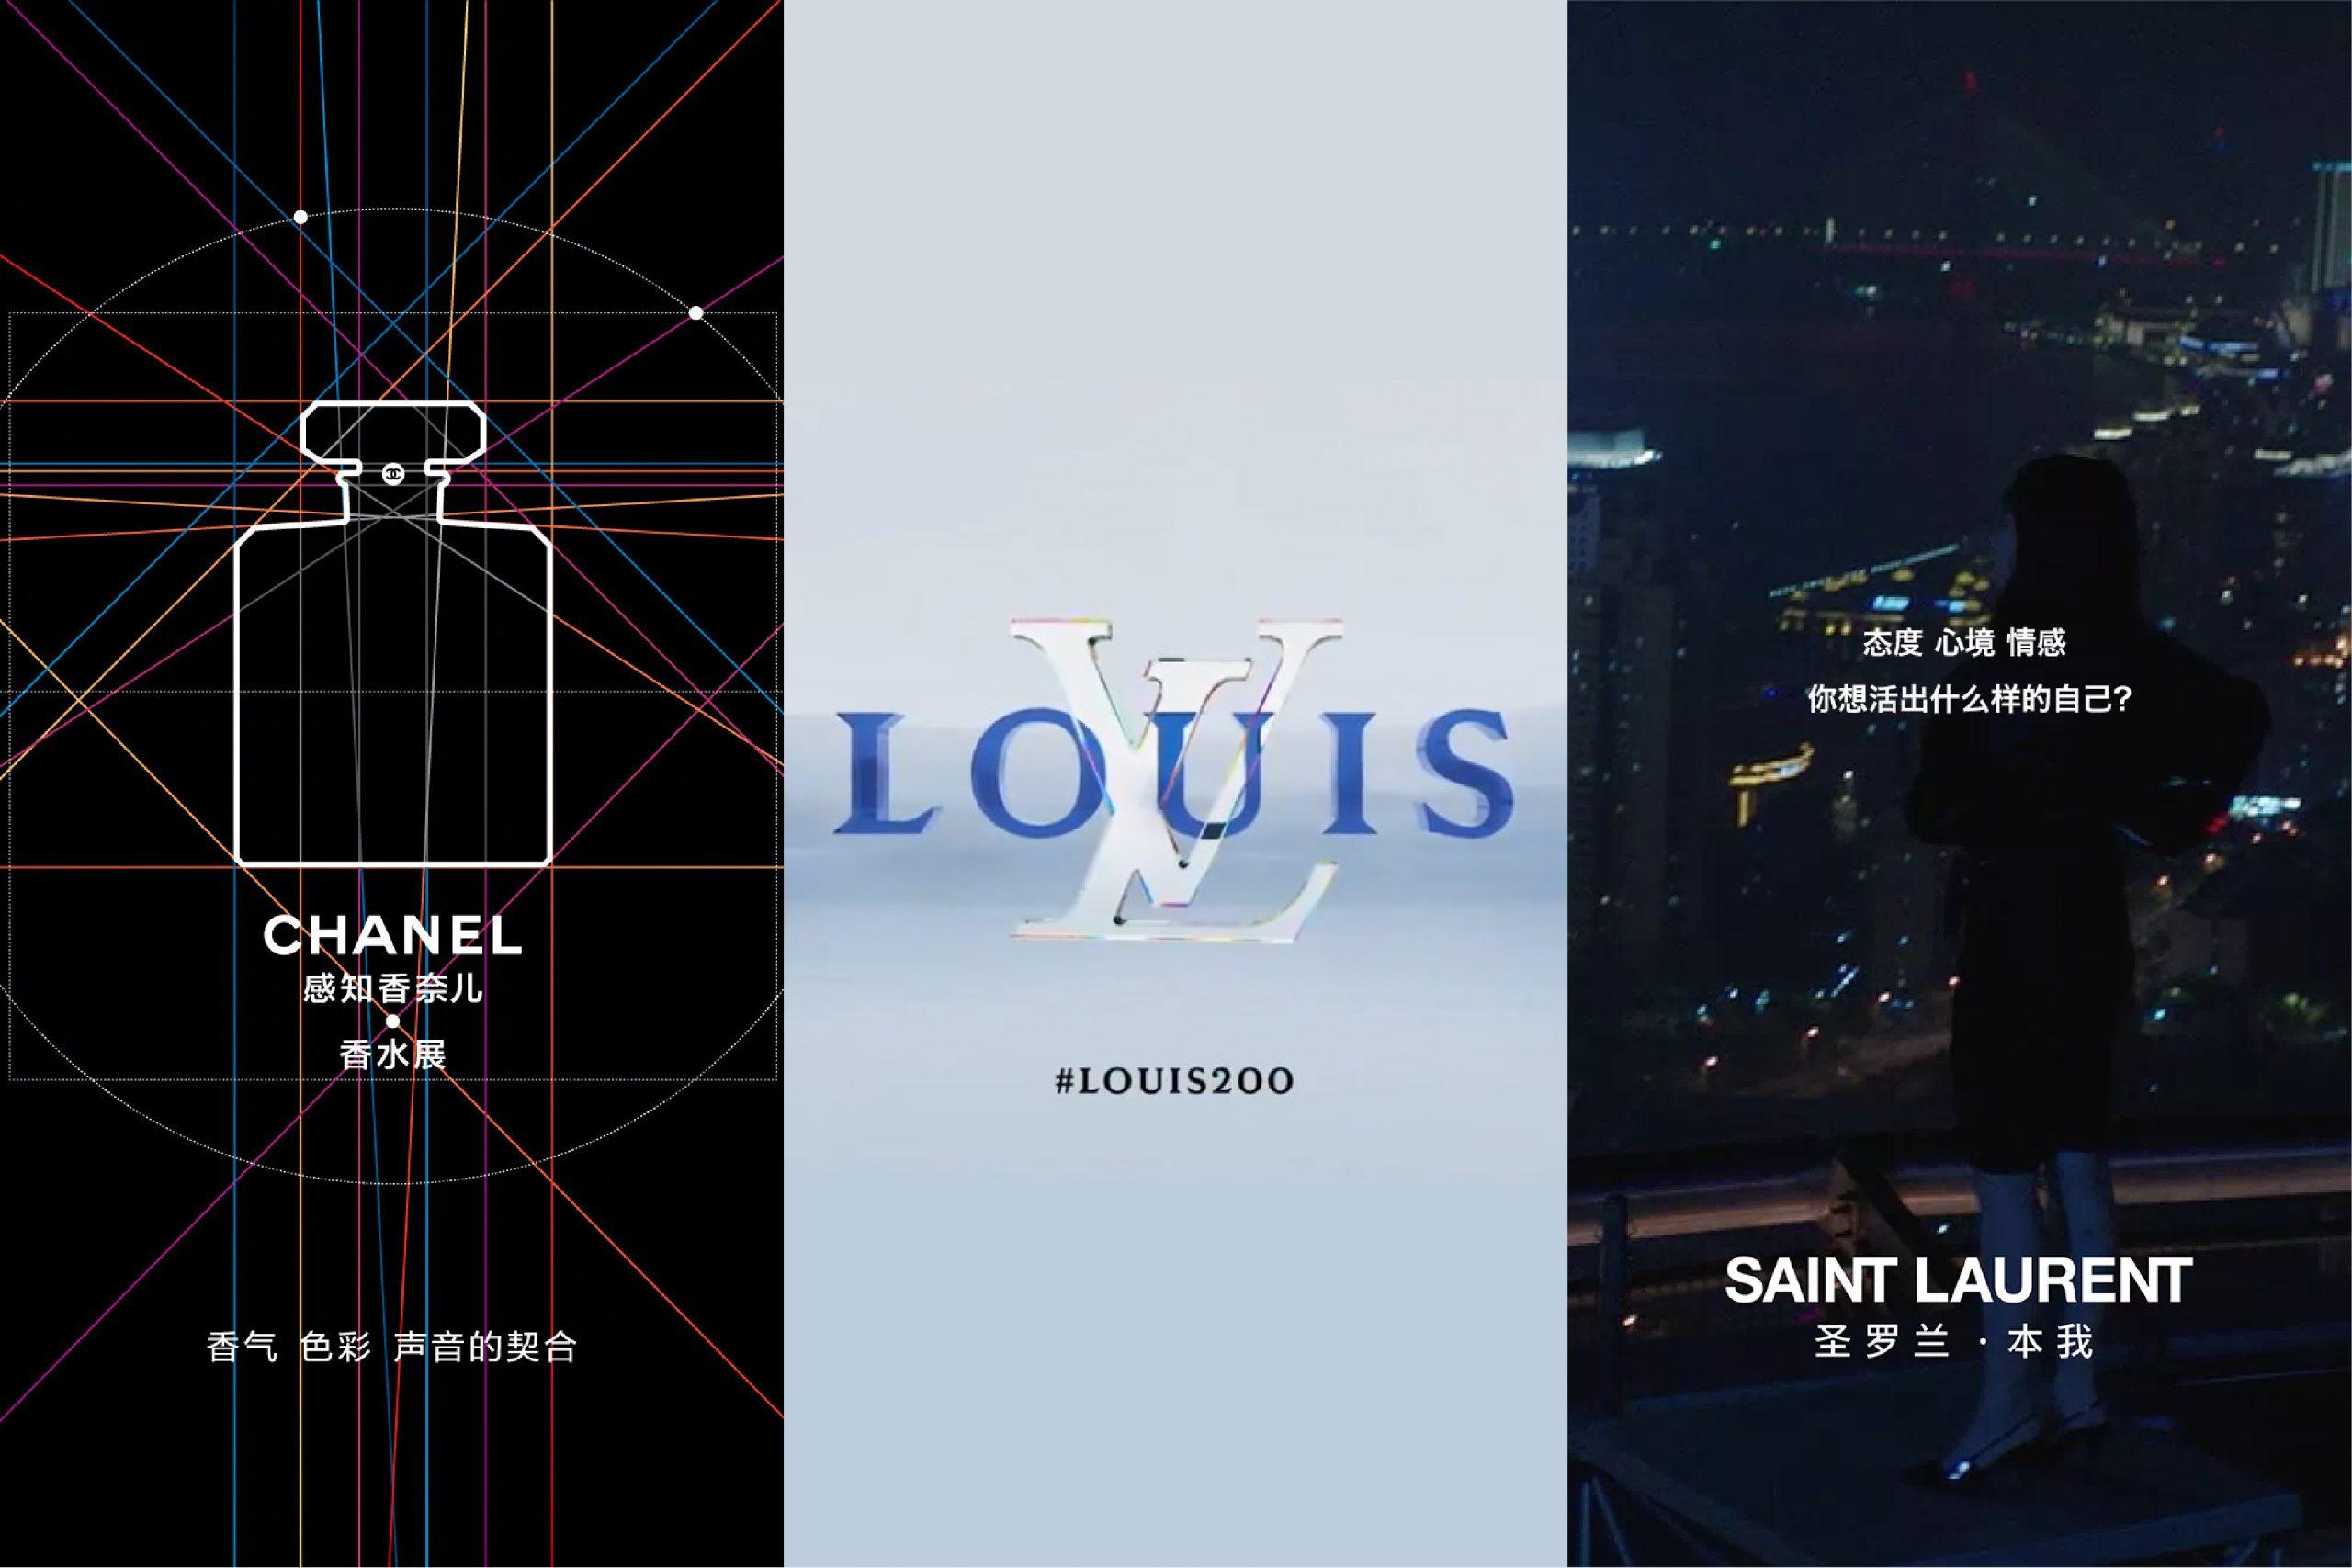 过去两周,这三家奢侈品牌在中国的动向最值得关注【华丽双周榜】2021年第12期